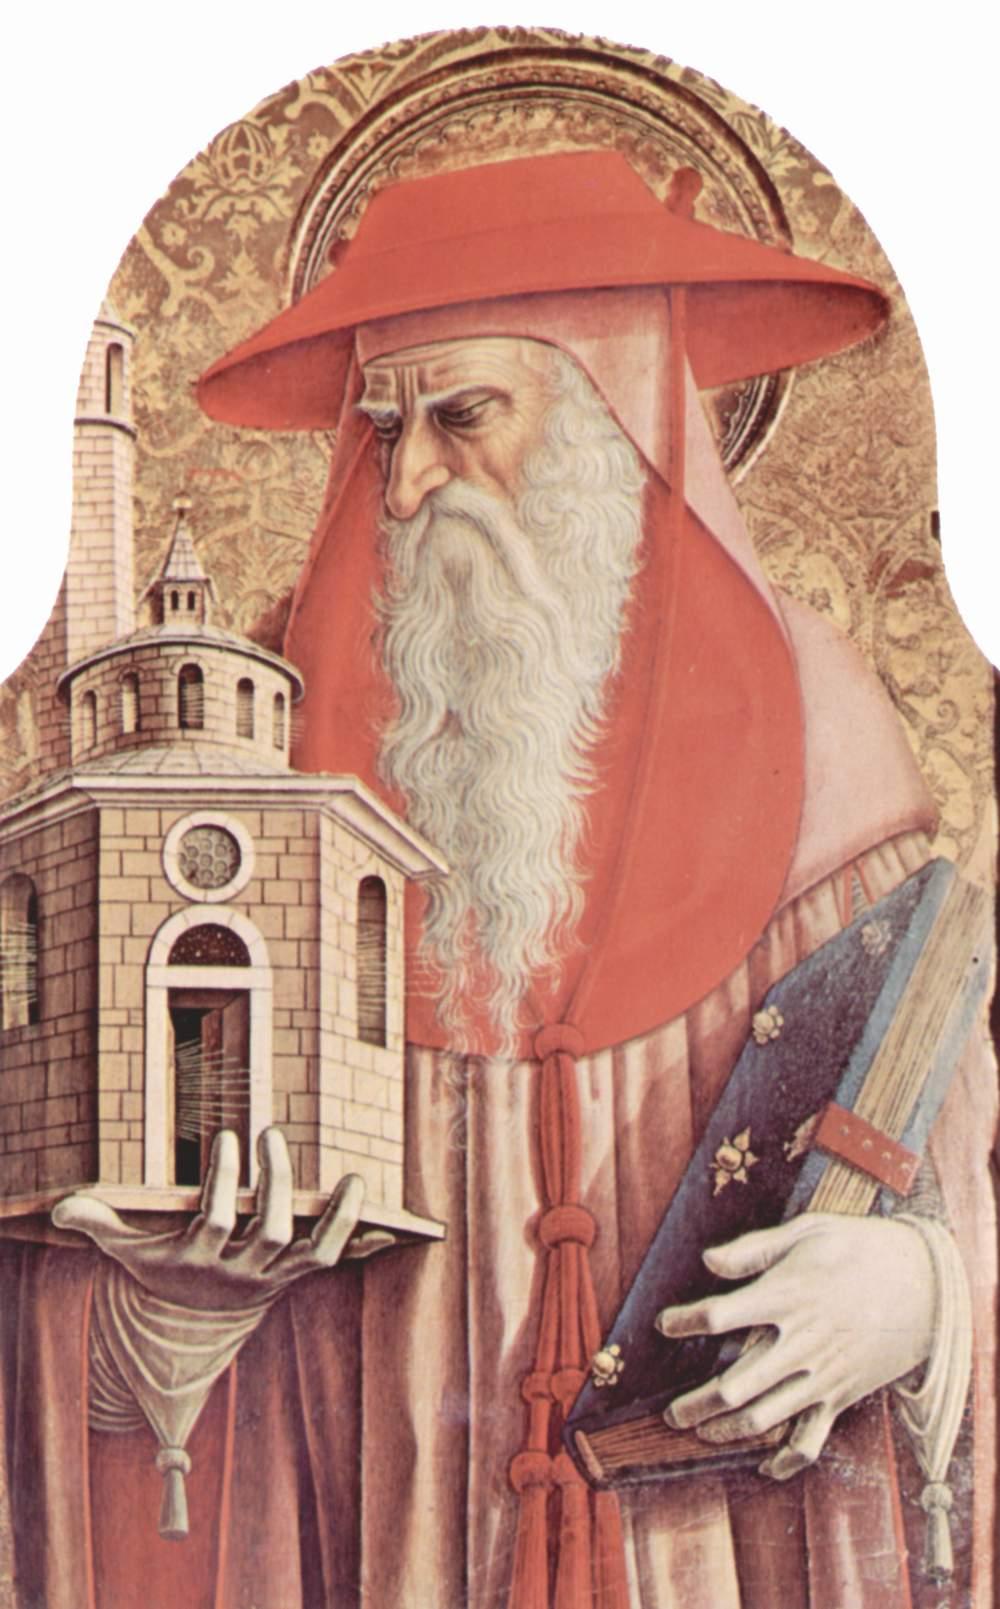 Центральный алтарь кафедрального собора в Асколи, полиптих, внутренее левое навершие  св. Иероним, Карло Кривелли